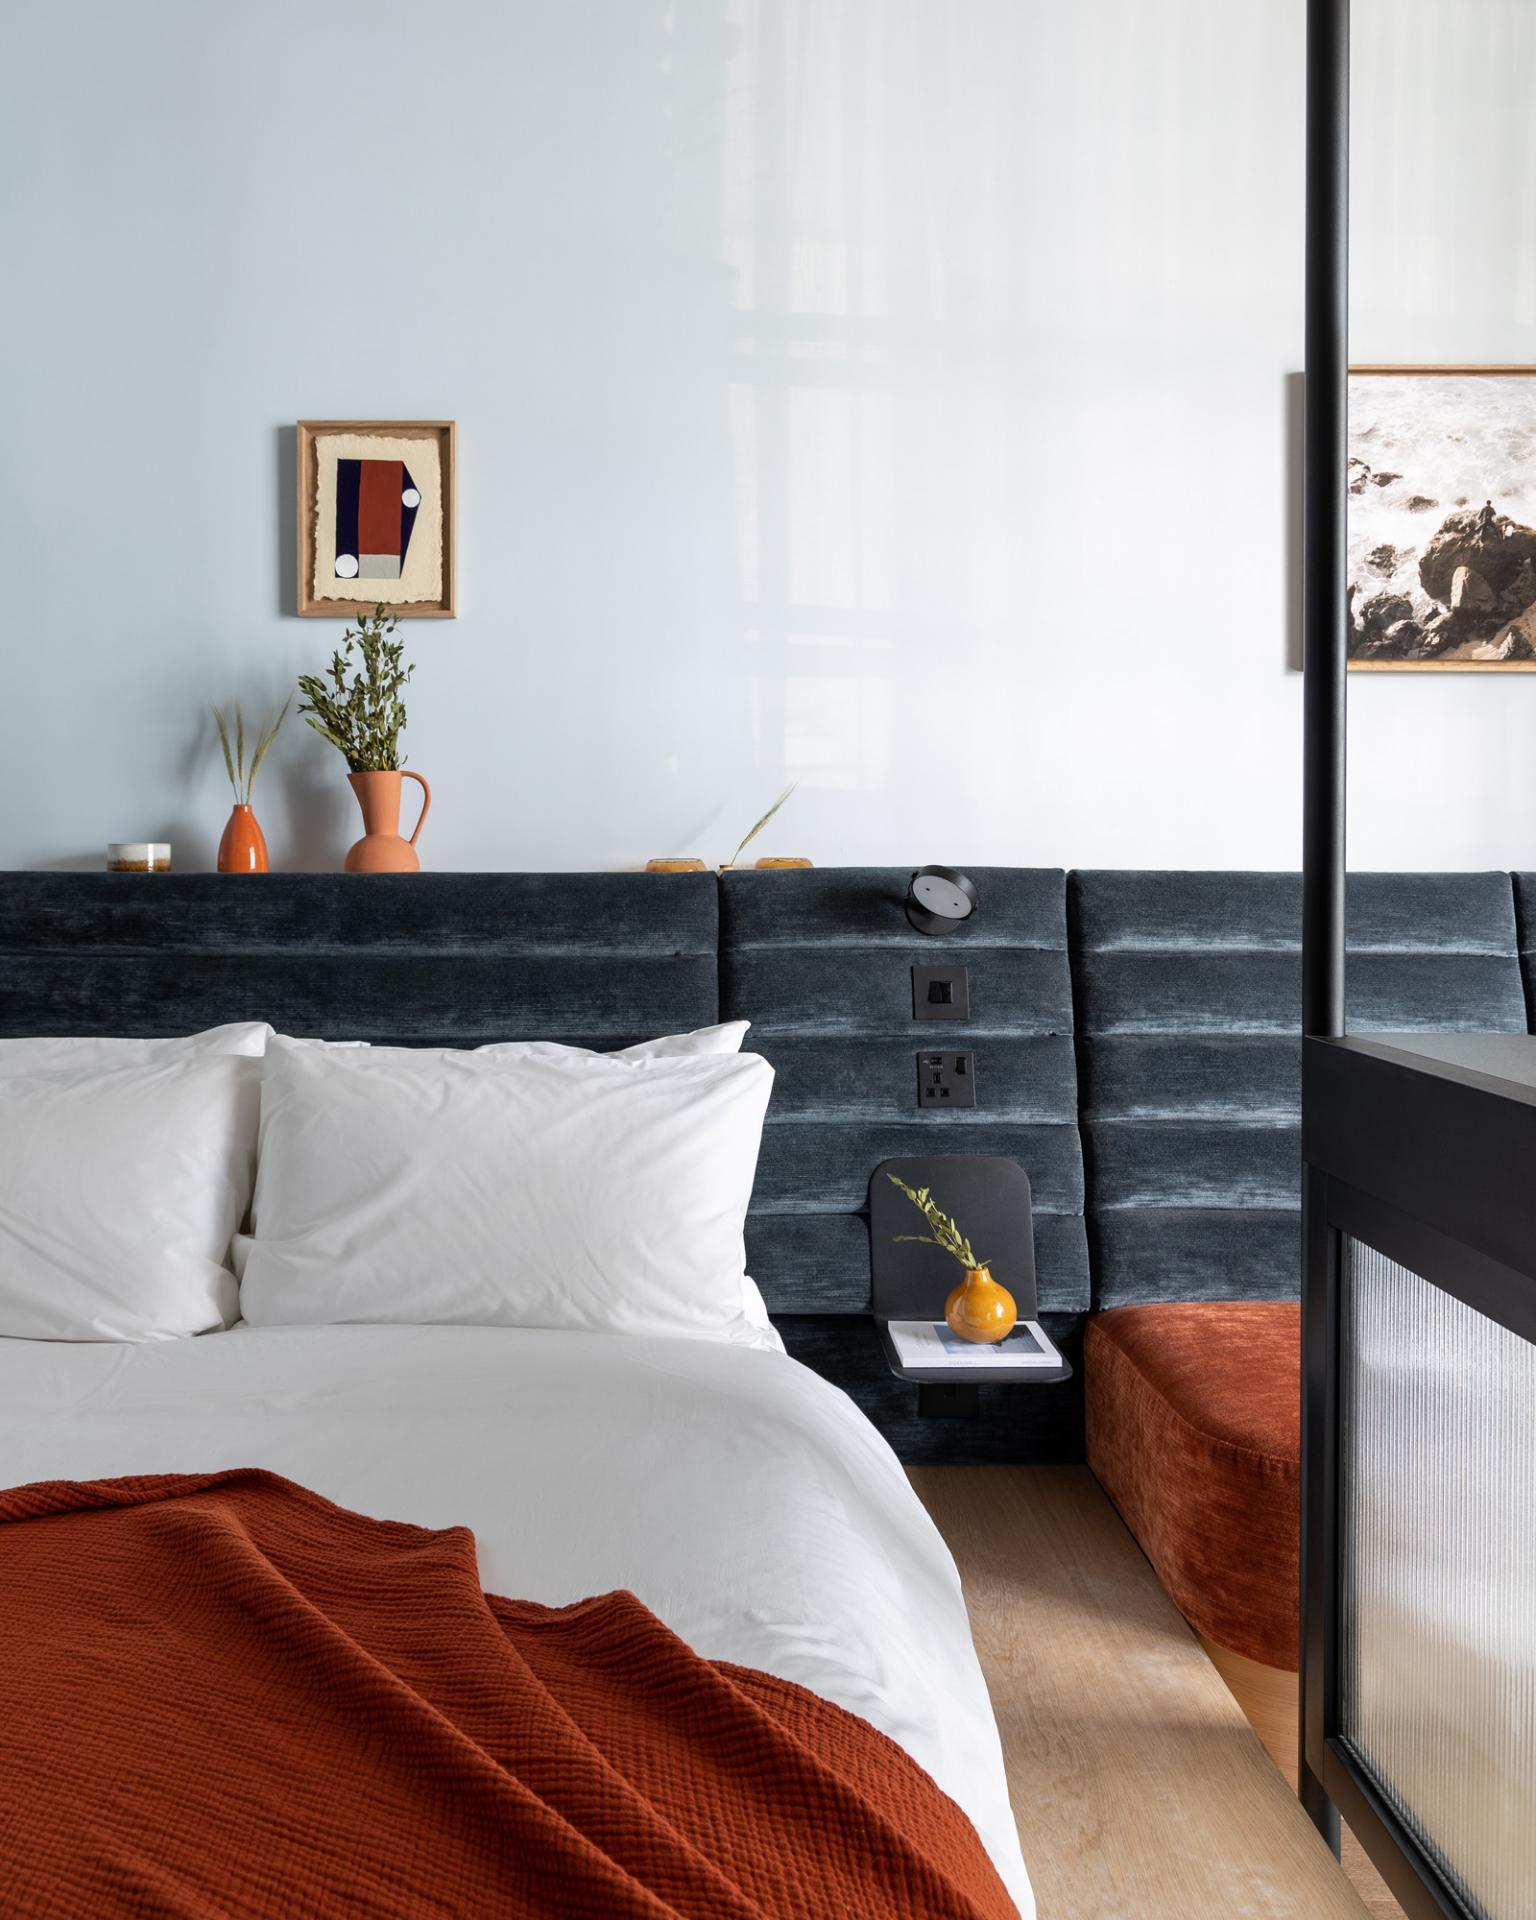 King size bed at Beckett Locke Apartments, North Wall, Dublin